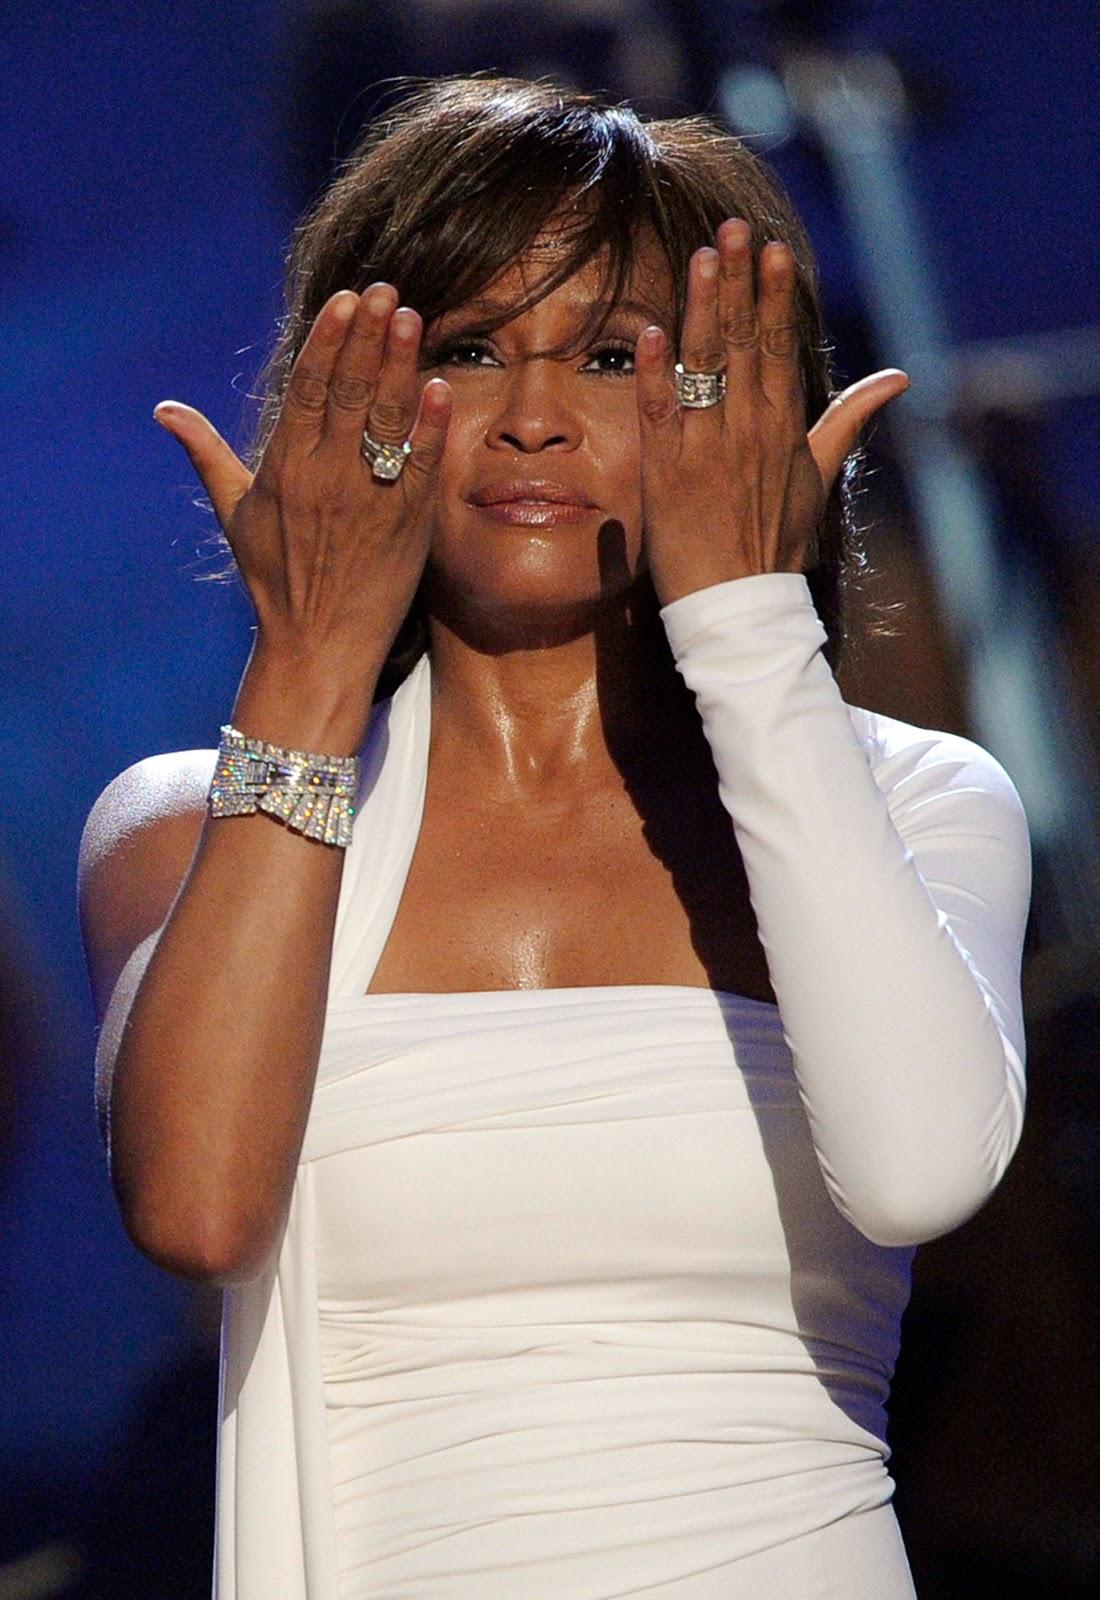 http://3.bp.blogspot.com/--YaJsNtzVmg/TzgrThj8pCI/AAAAAAAAHzs/eJrU6YNWPa8/s1600/Whitney+Houston+American+Music+Awards+2009.jpg